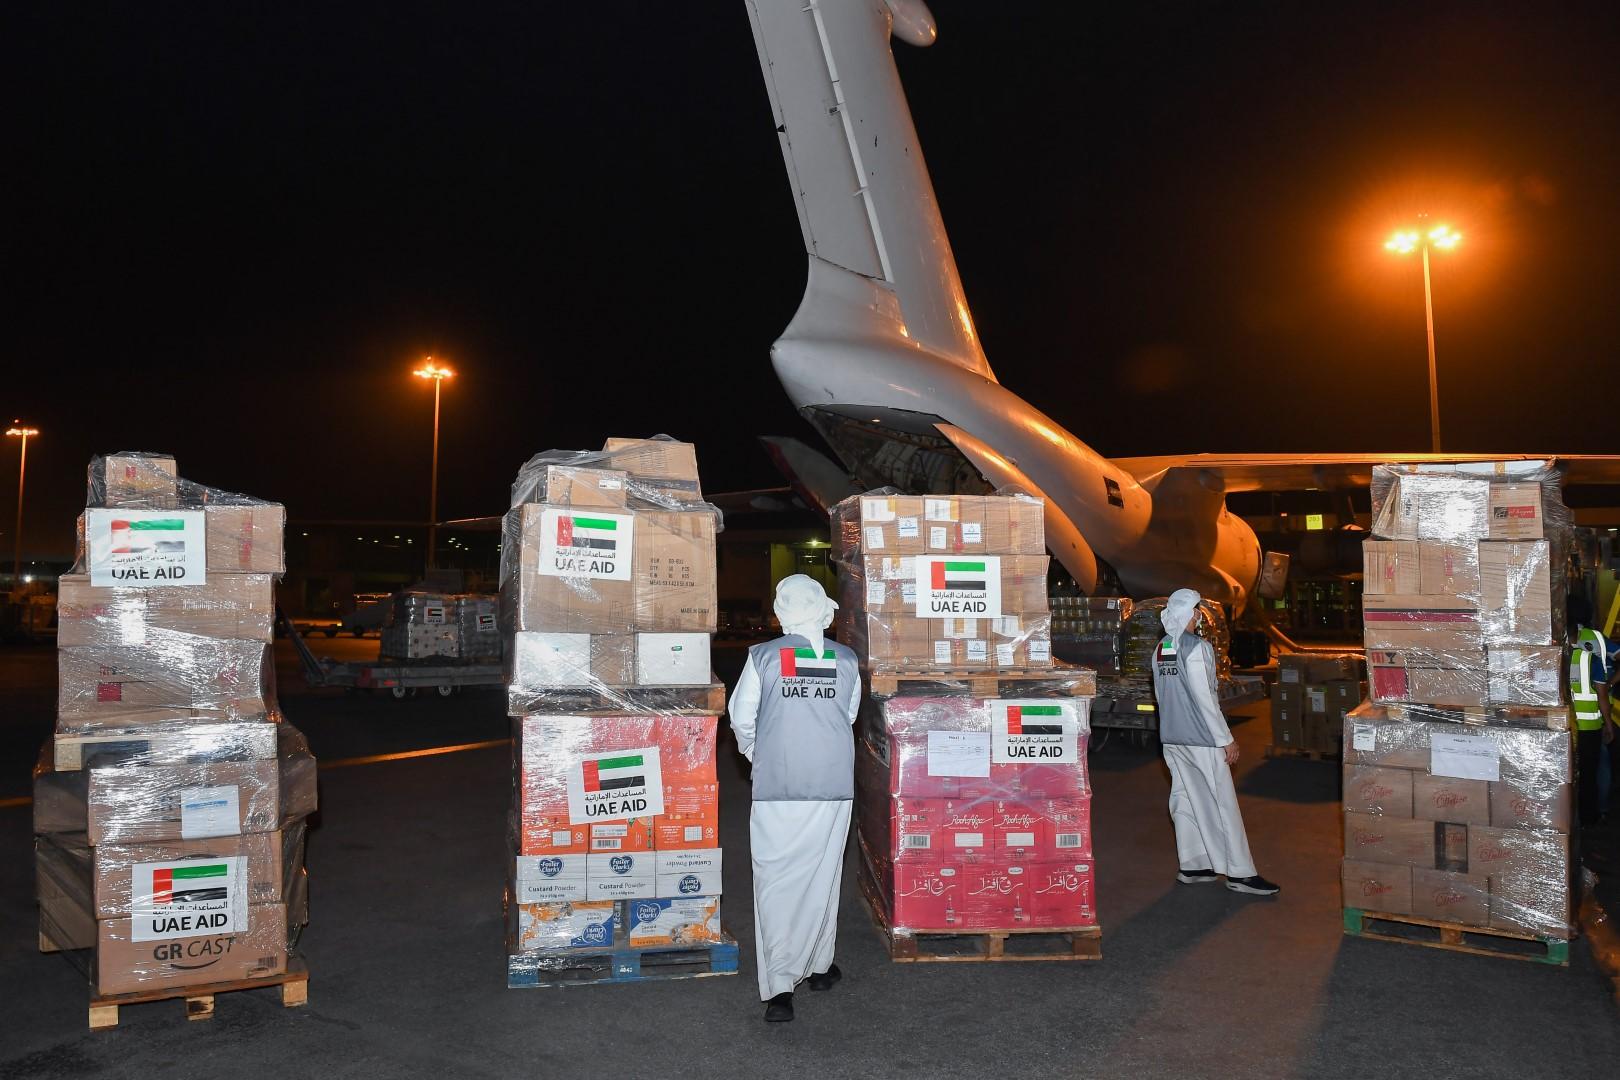 في إطار الجسر الجوي الذي وجه بتسييره محمد بن زايد ..وصول طائرة المساعدات الإنسانية الرابعة إلى كابول لدعم الشعب الأفغاني